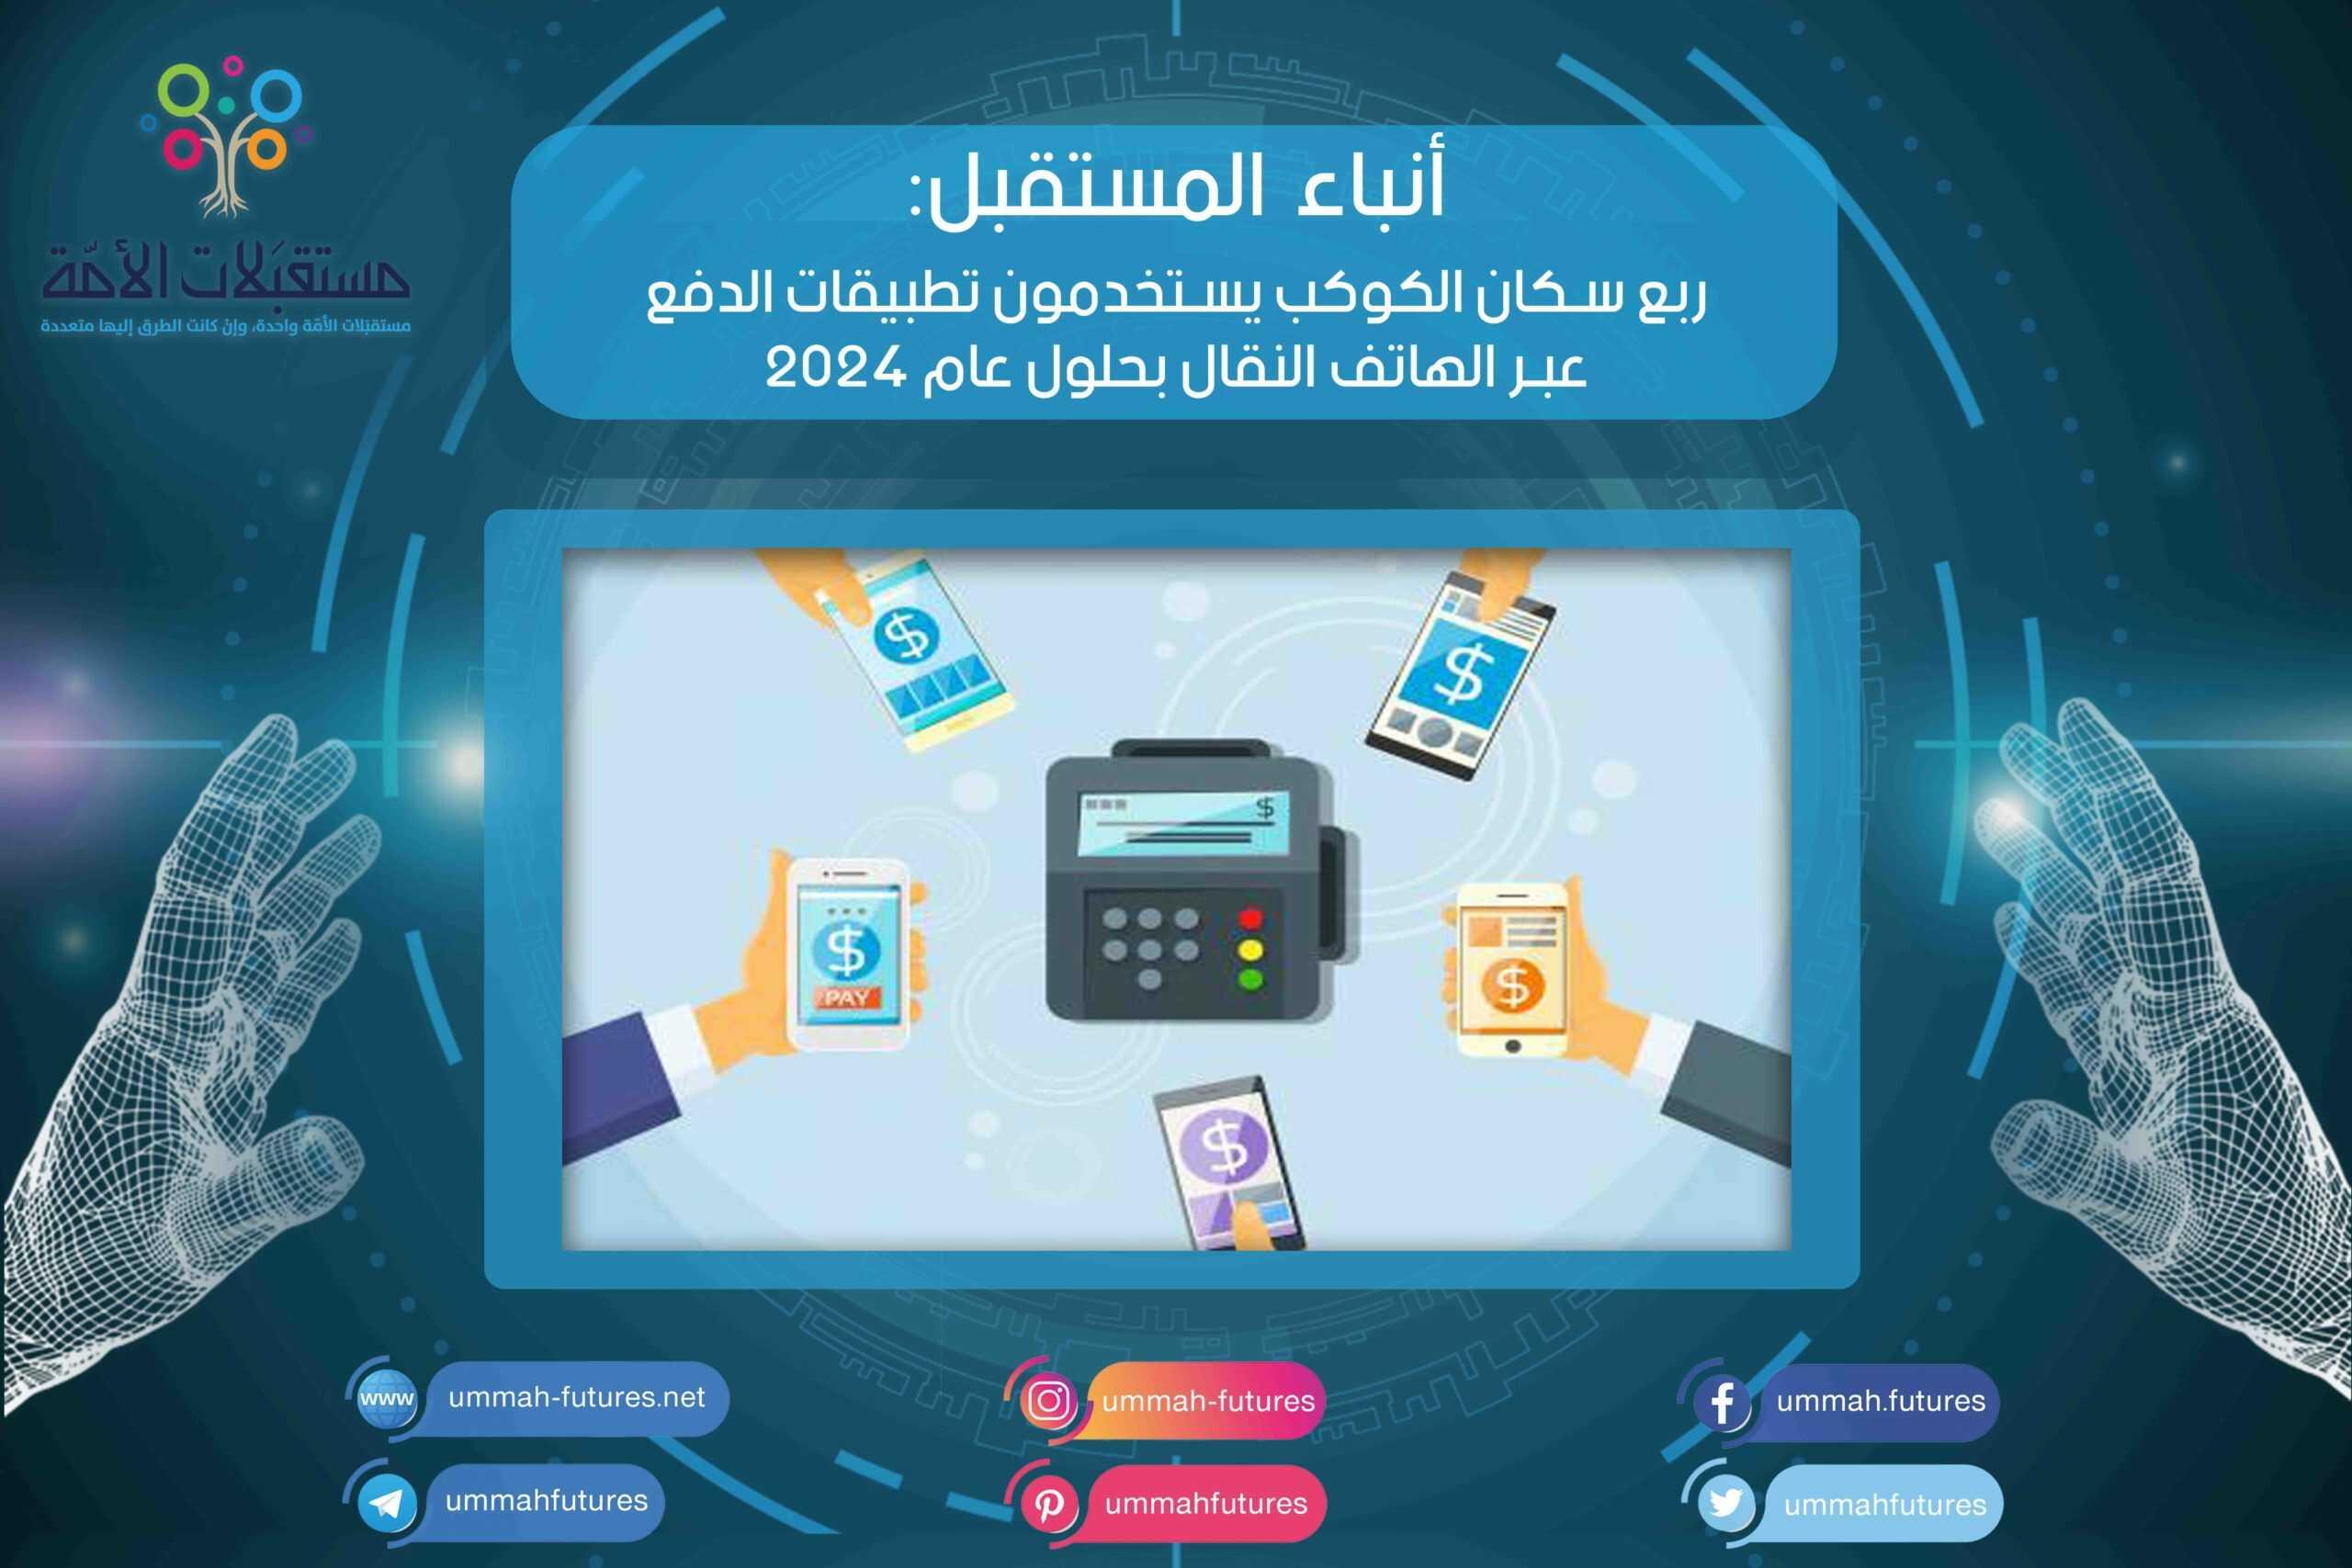 ربع سكان الكوكب يستخدمون تطبيقات الدفع عبر الهاتف النقال بحلول عام 2024